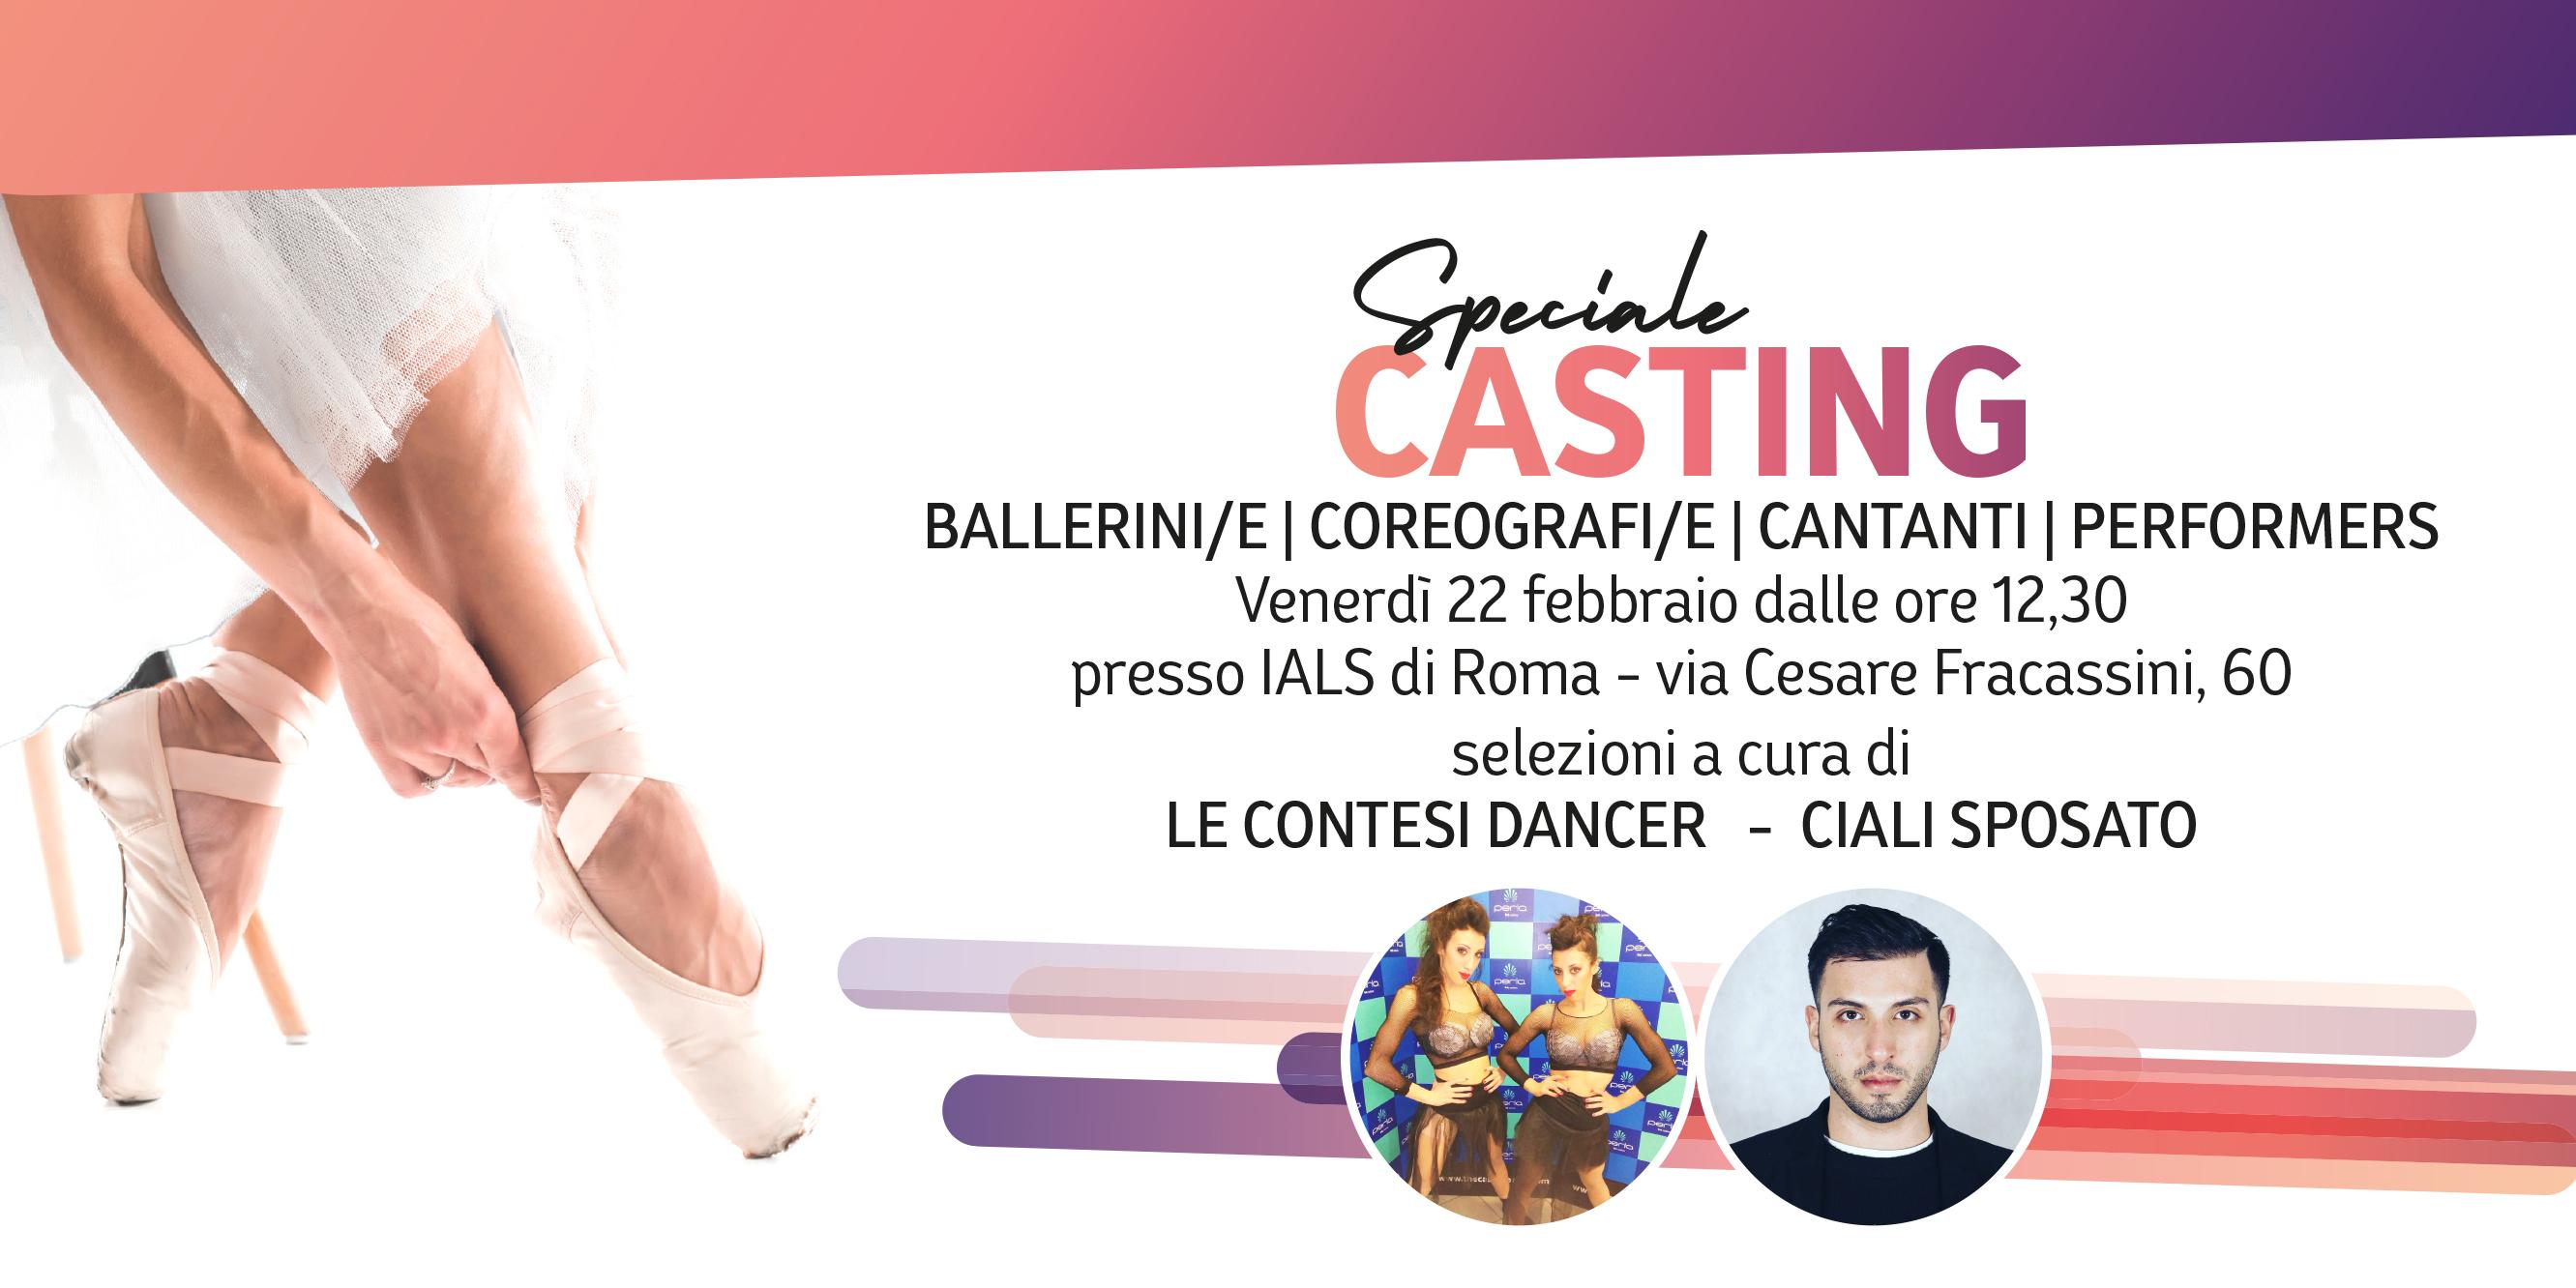 Casting per ballerini e cantanti allo Ials di Roma